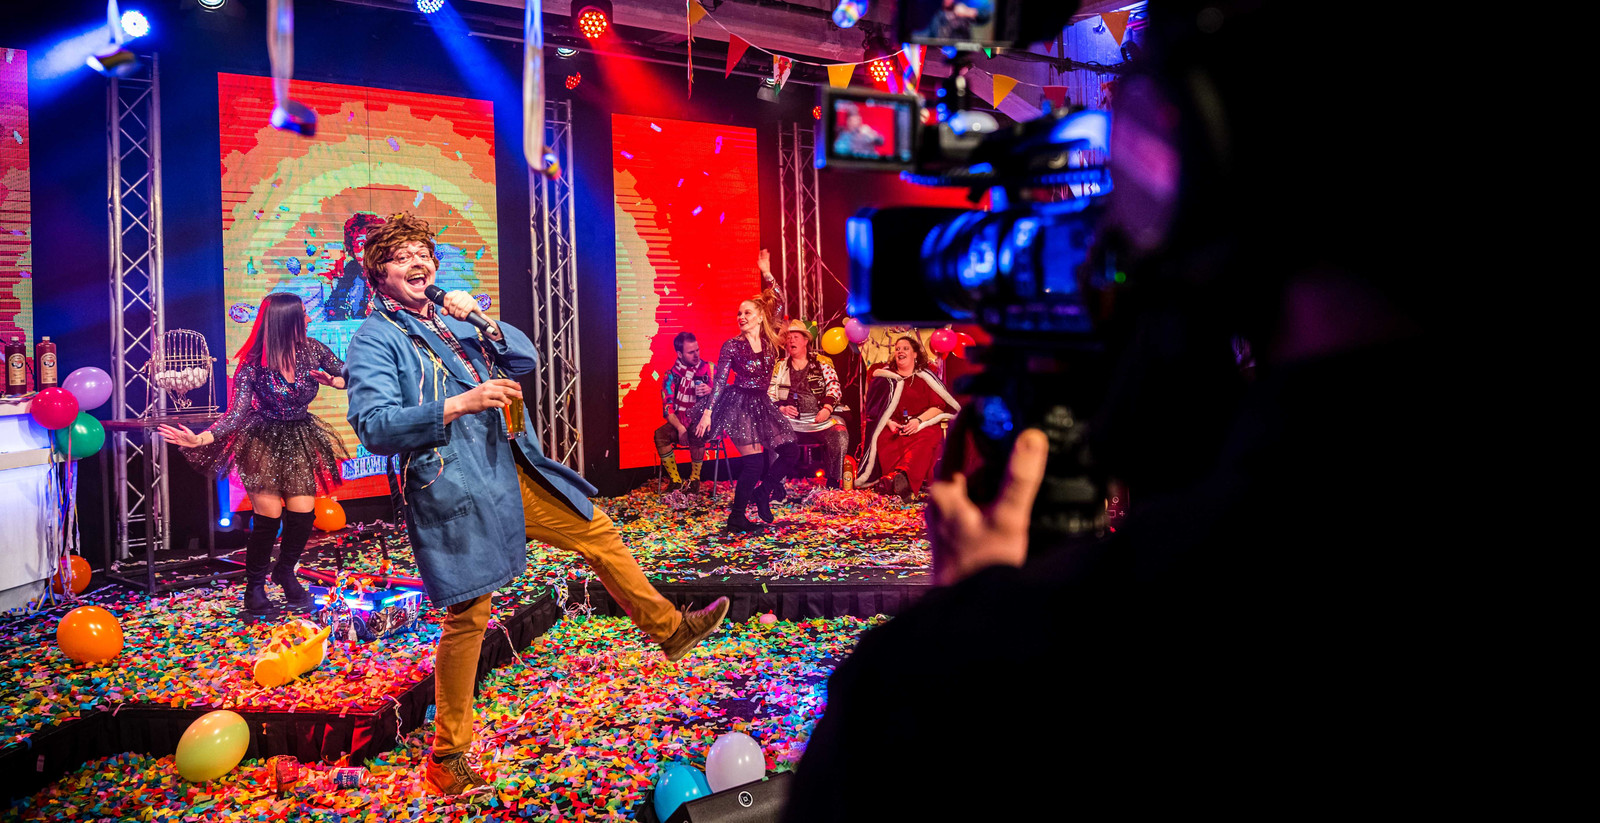 VEGHEL - Optreden van Lamme Frans tijdens de Grote Carnavalsshow, een online livestream als alternatief voor het jaarlijkse carnavalsfeest.